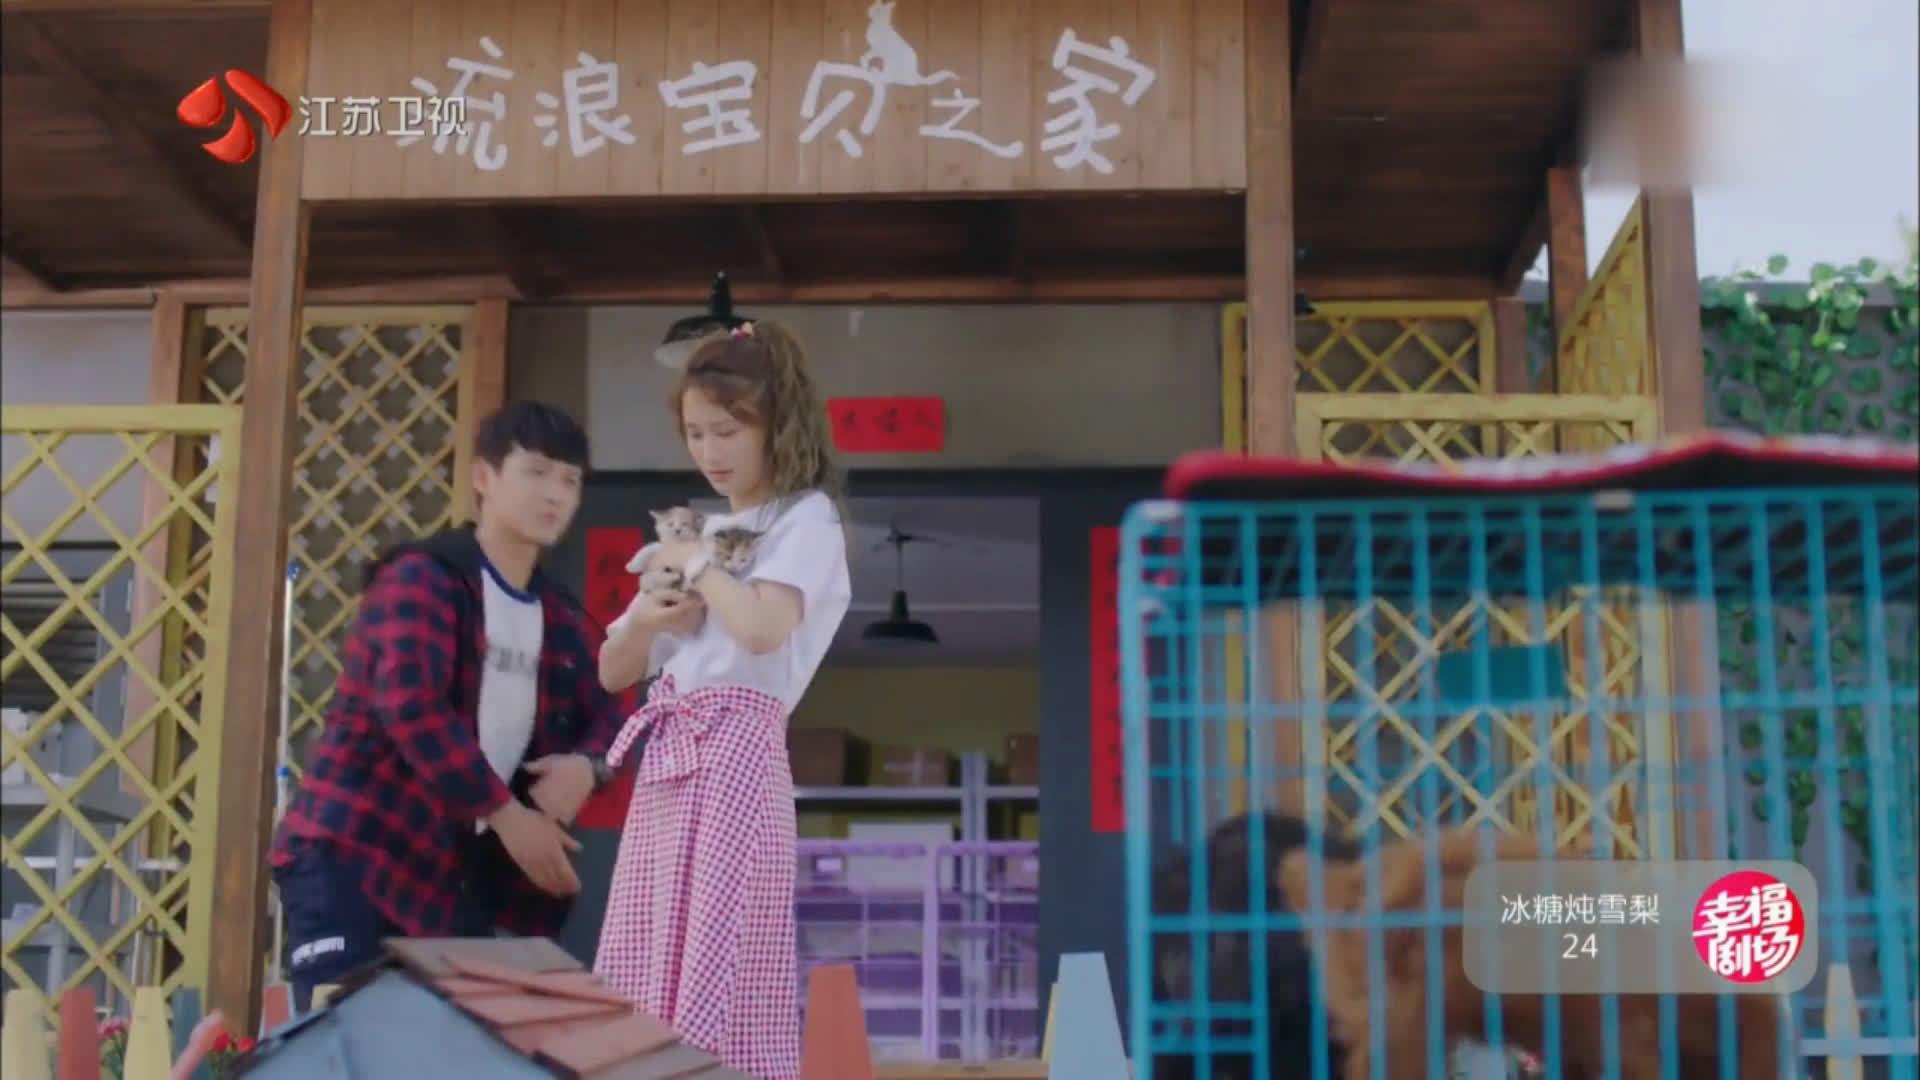 电视剧冰糖炖雪梨第24集 廖振羽夏梦欢